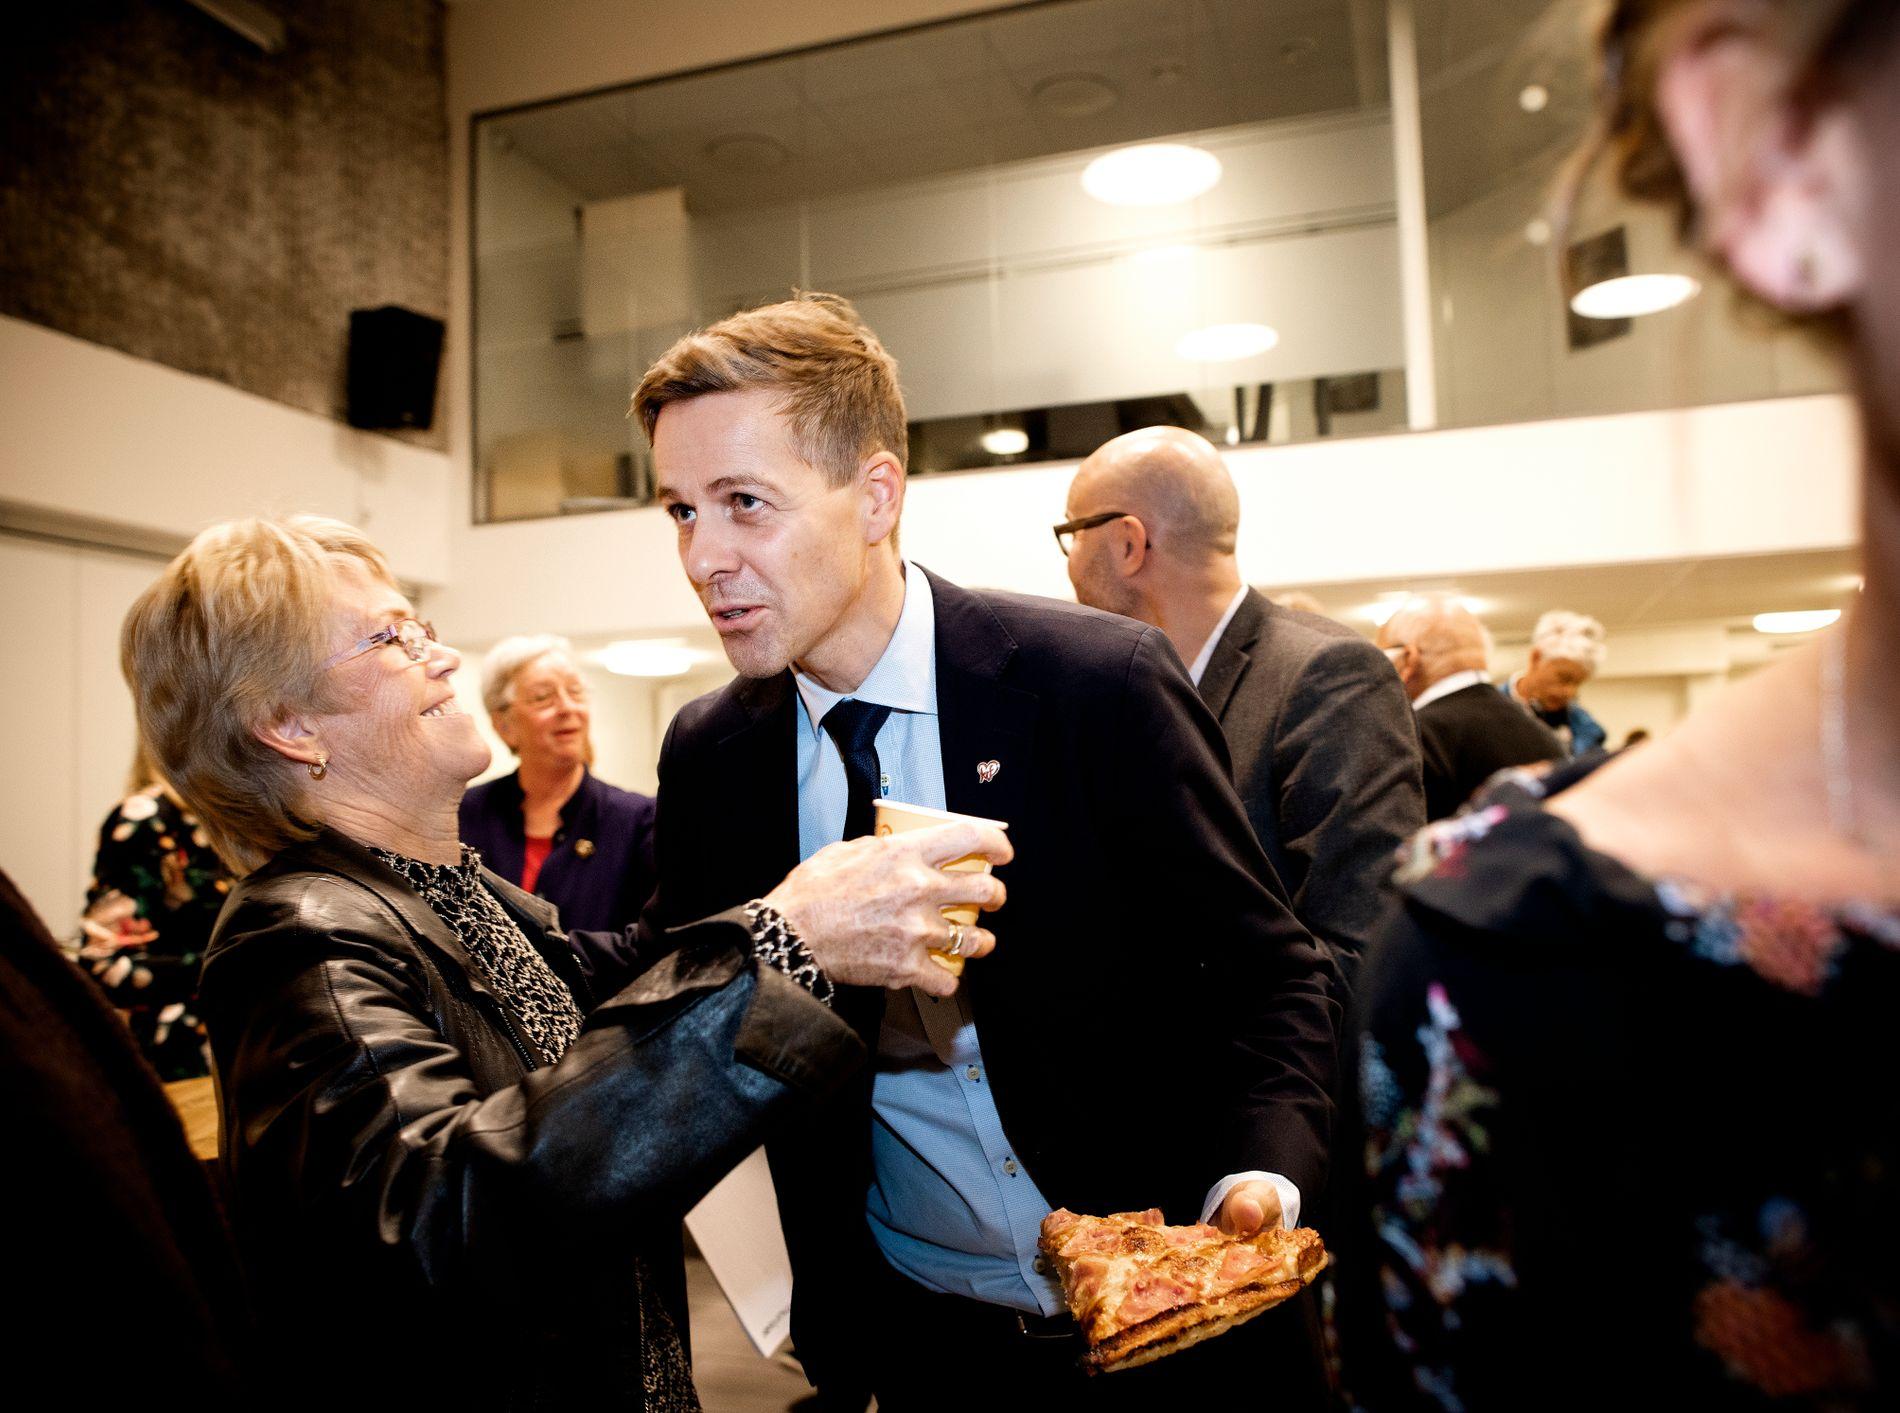 VELGERNE FOR AP: 75 prosent av KrFs egne velgere ønsker at partiet skal gå inn i et eventuelt regjeringssamarbeid med Arbeiderpartiet, ifølge VGs siste måling. I kveld var Knut Arild Hareide på folkemøte i Agder KrF.